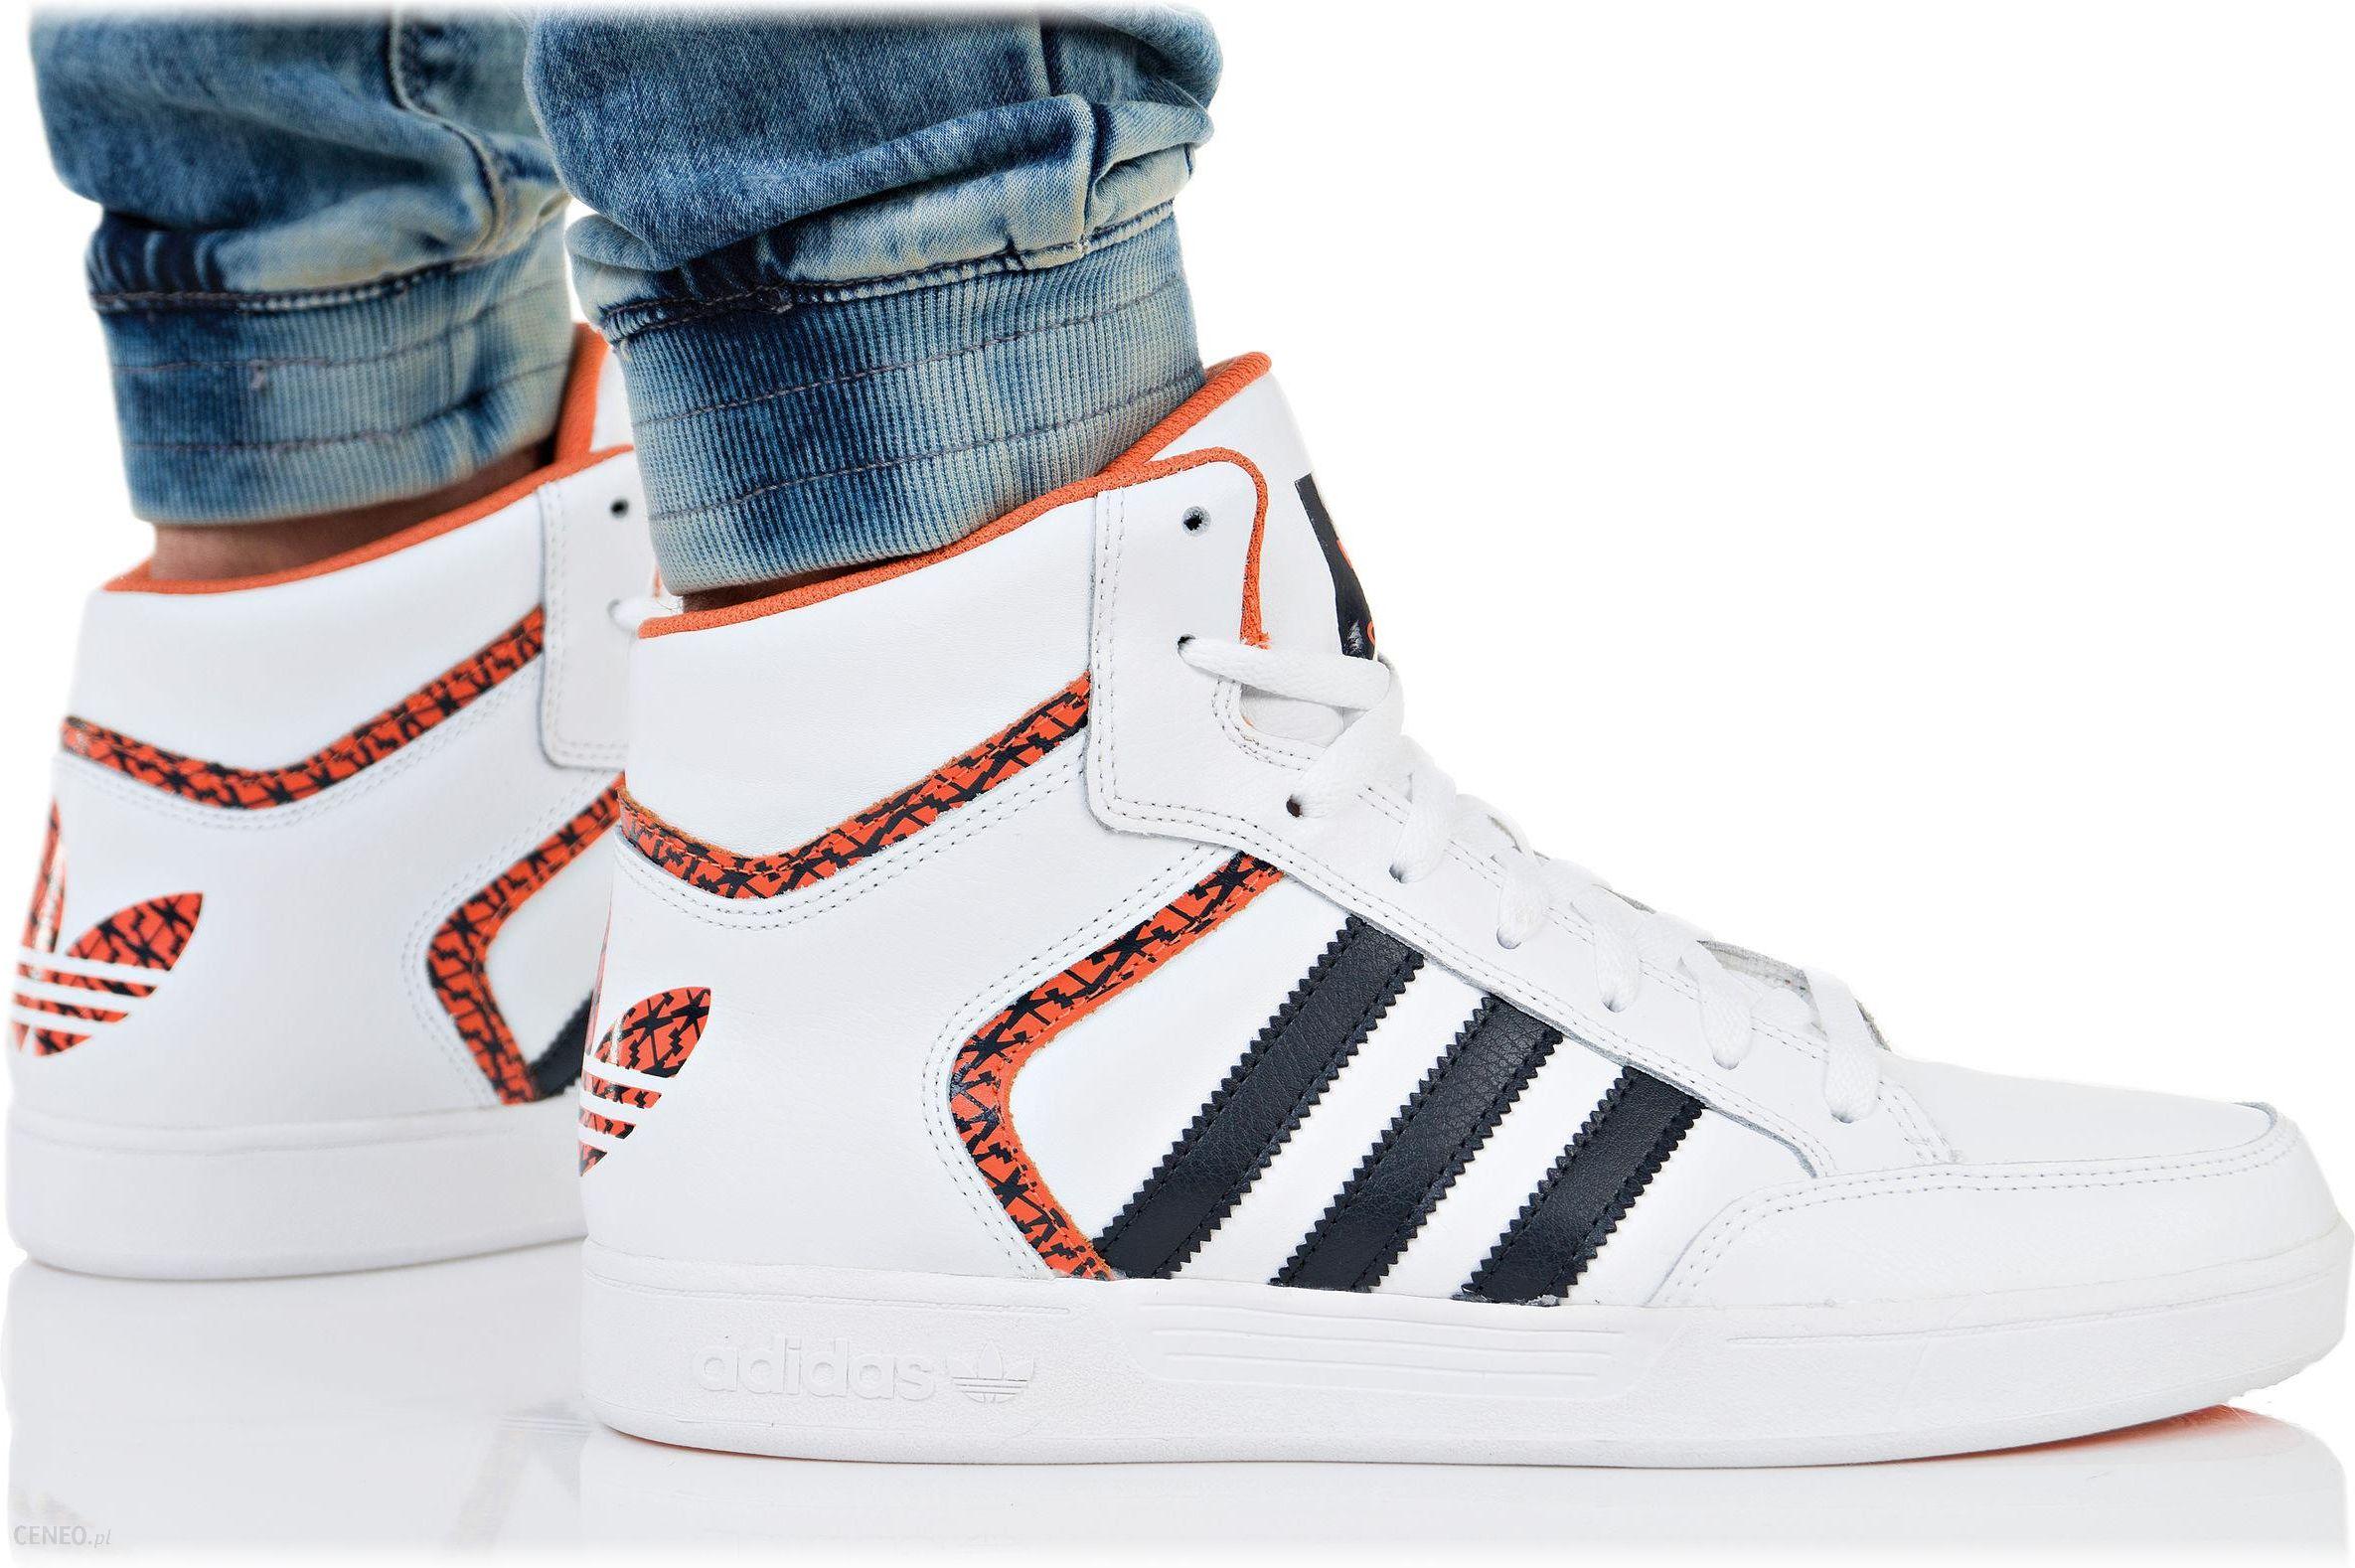 adidas buty wysokie czarne biały